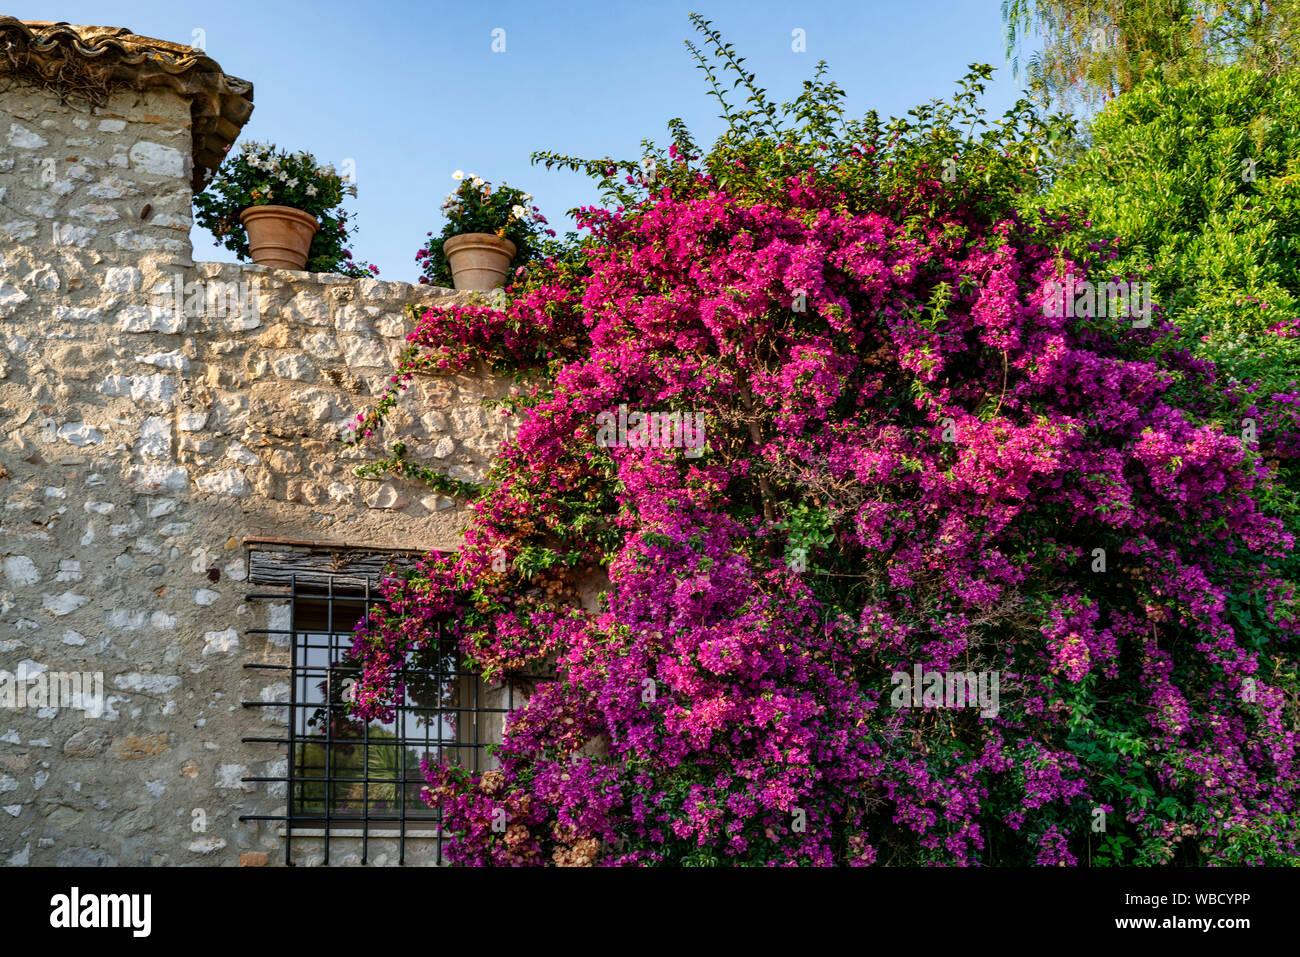 Bouganville in Saint-Paul-de-Vence, Département Alpes-Maritimes, Region Provence-Alpes-Côte d'Azur, Frankreich Stockfoto